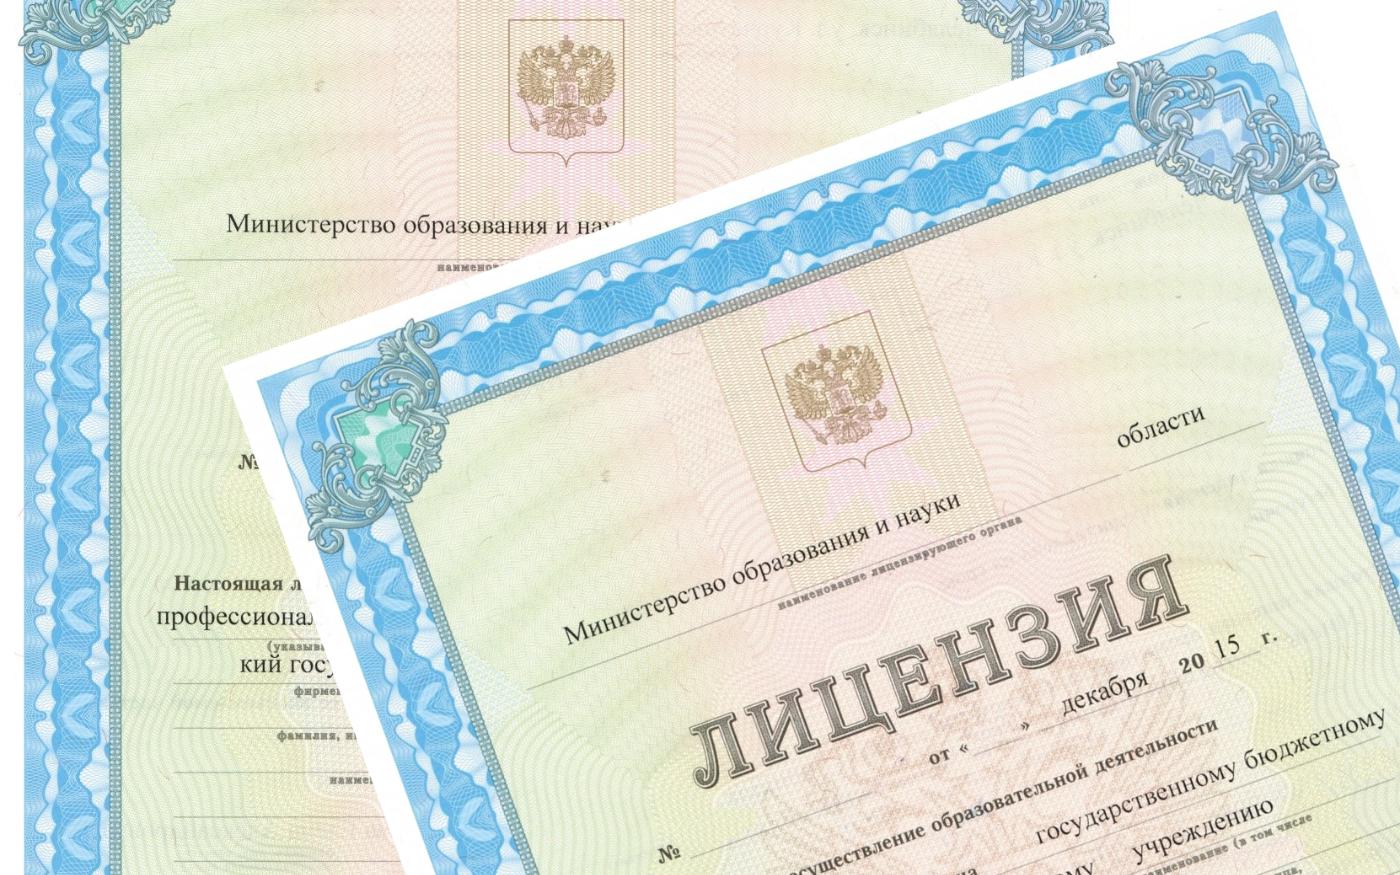 Переоформление лицензии на осуществление медицинской деятельности